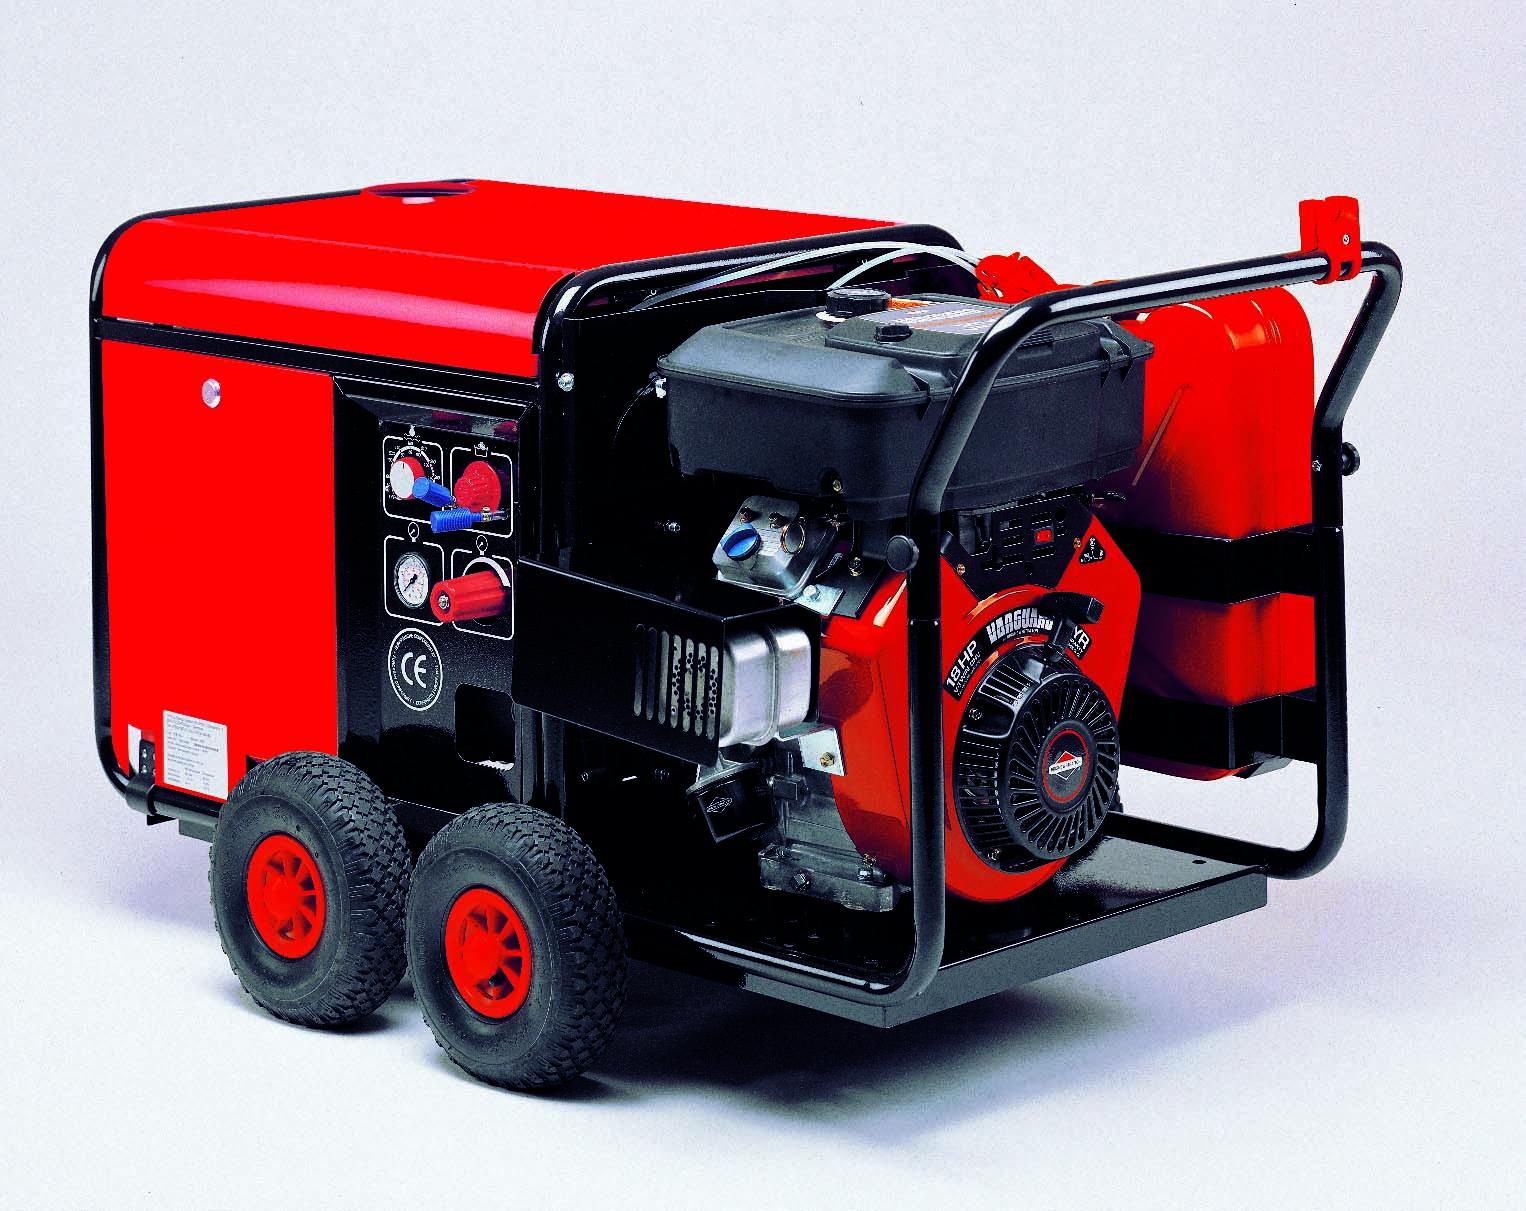 Vysokotlaký horkovodní čistící stroj Ehrle HDB 1240